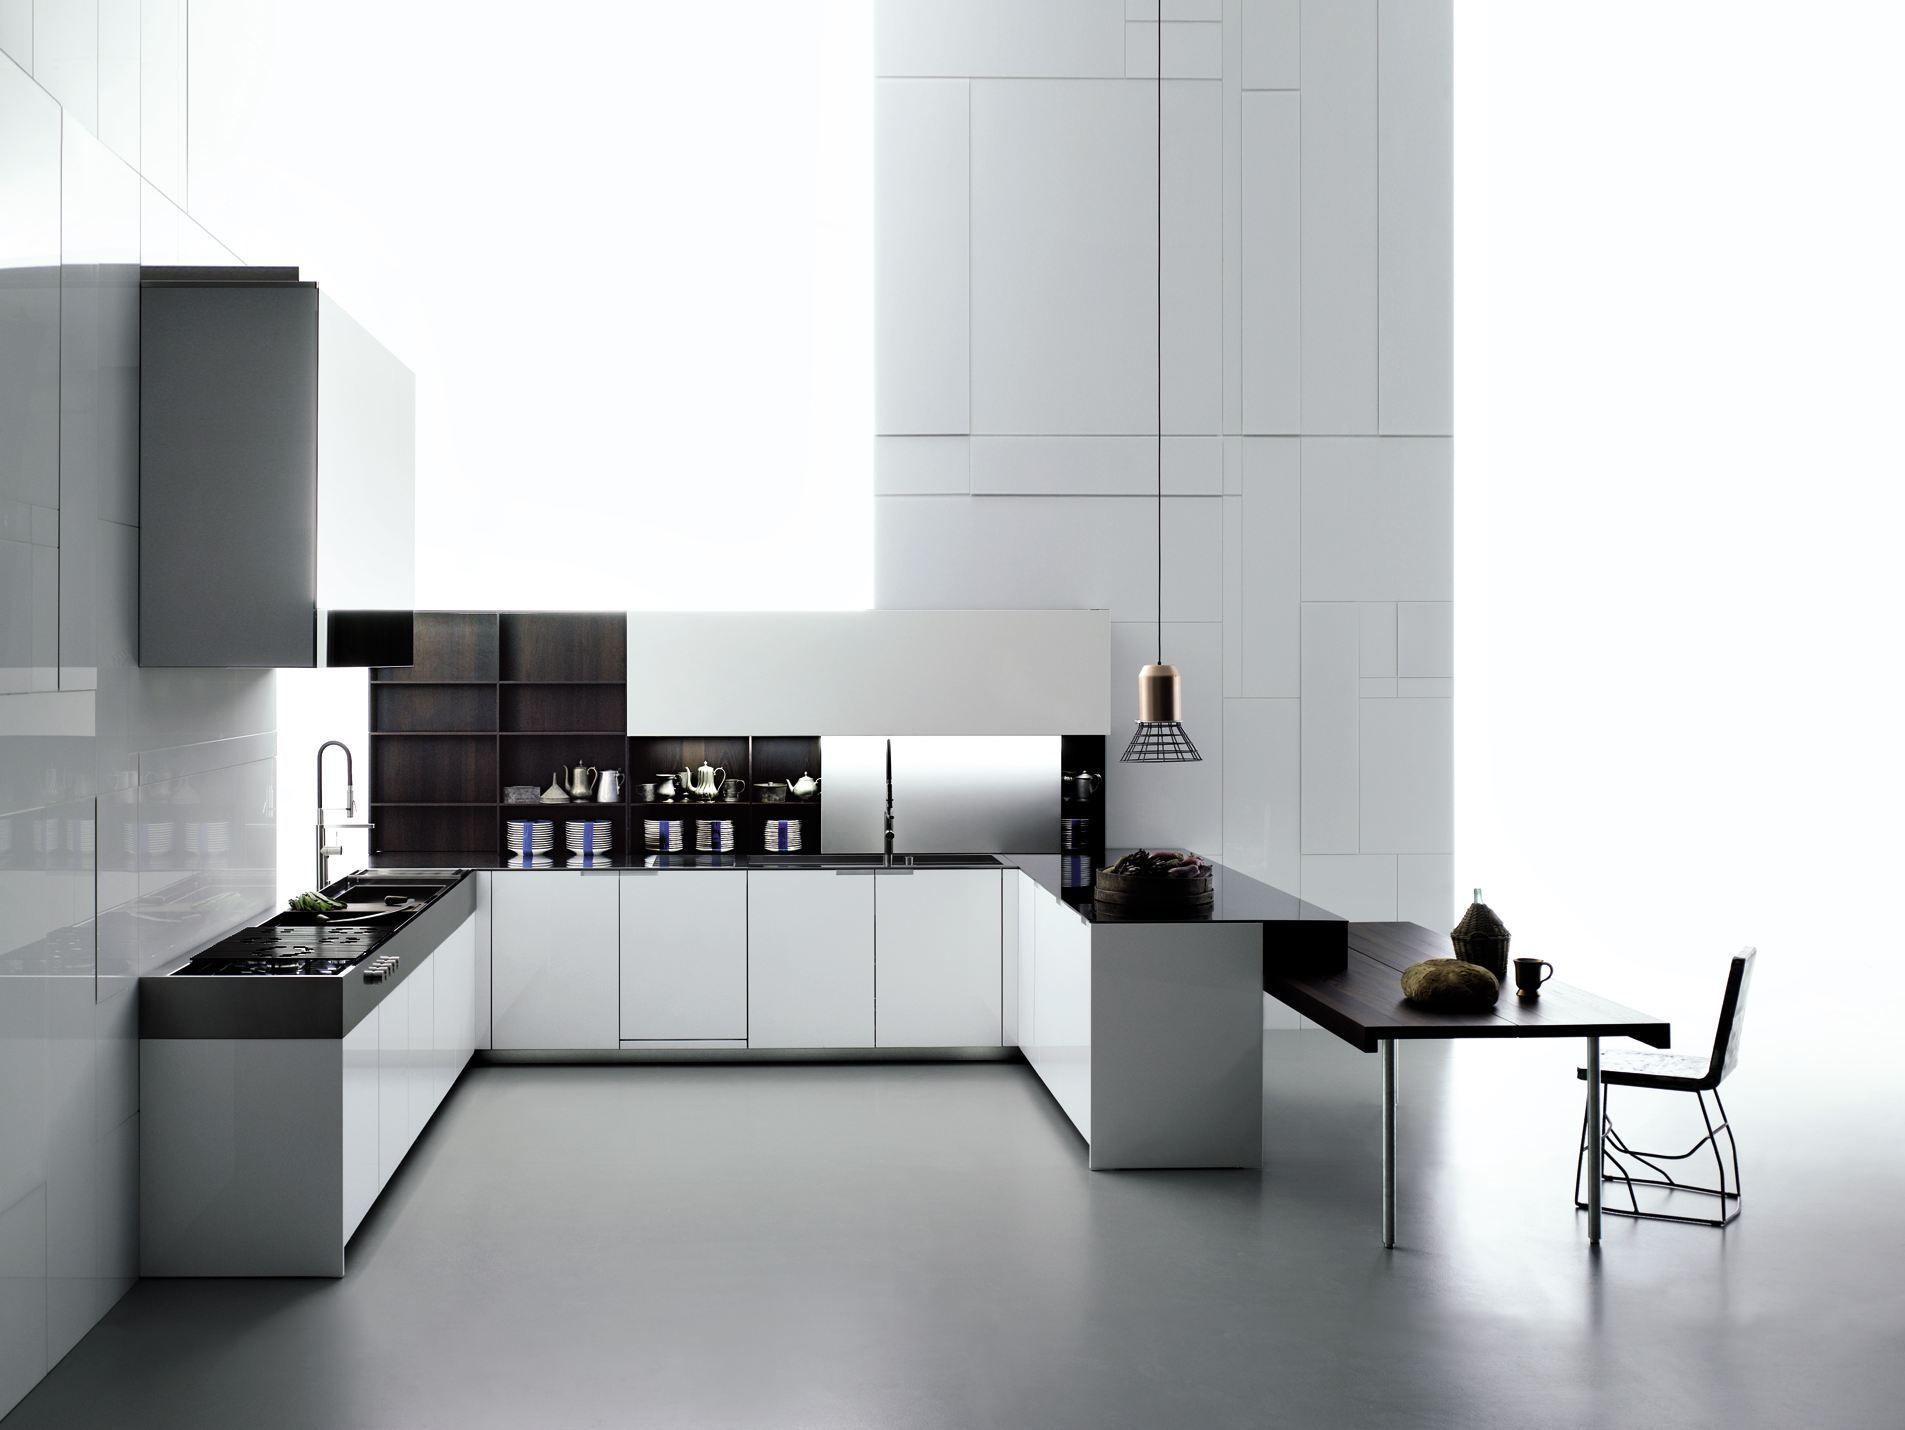 Boffi Küchen kitchen wk6 by boffi design piero lissoni